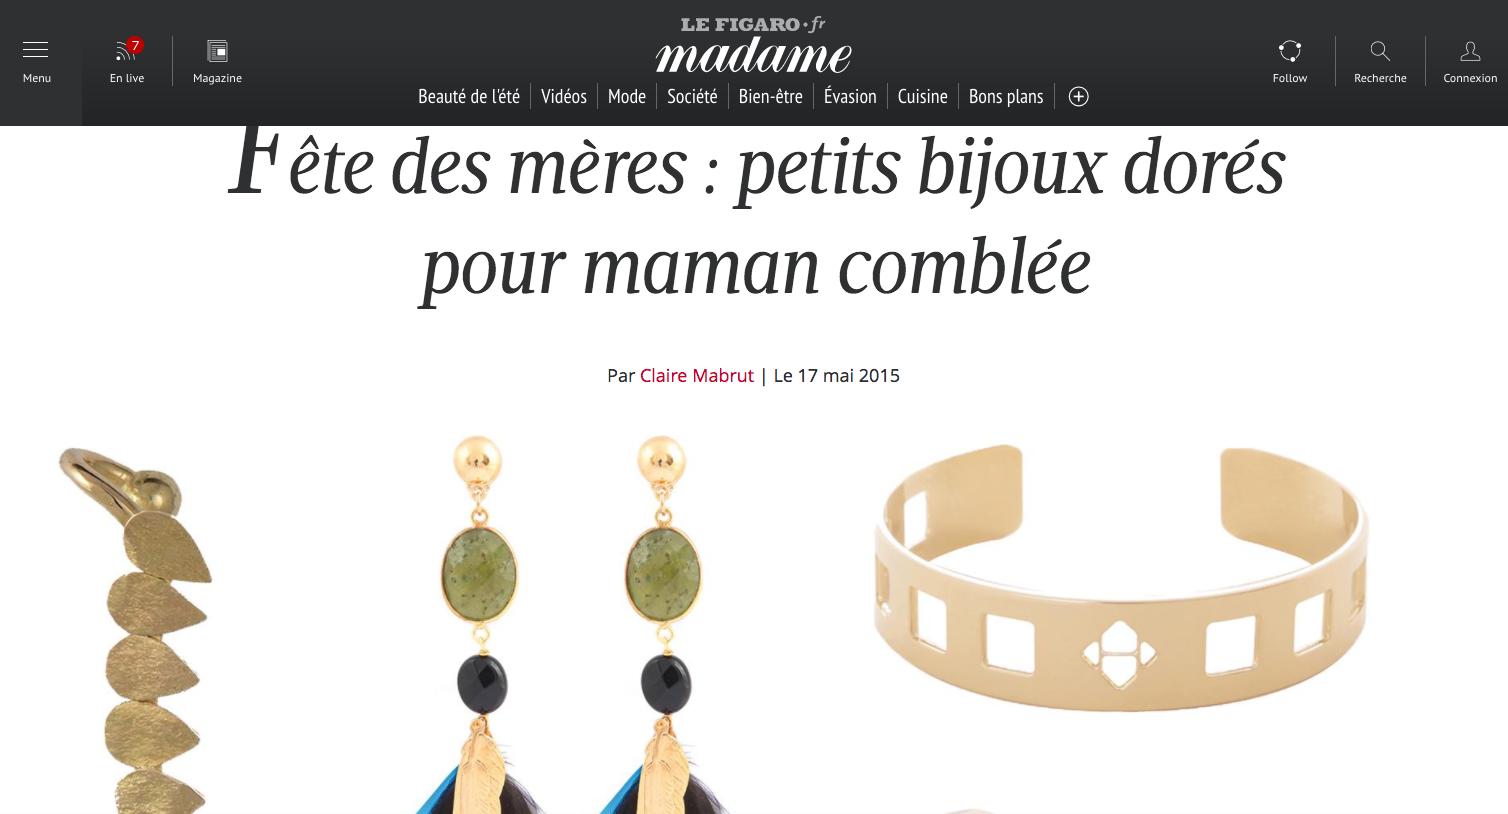 Le Figaro Madame Fête des mères